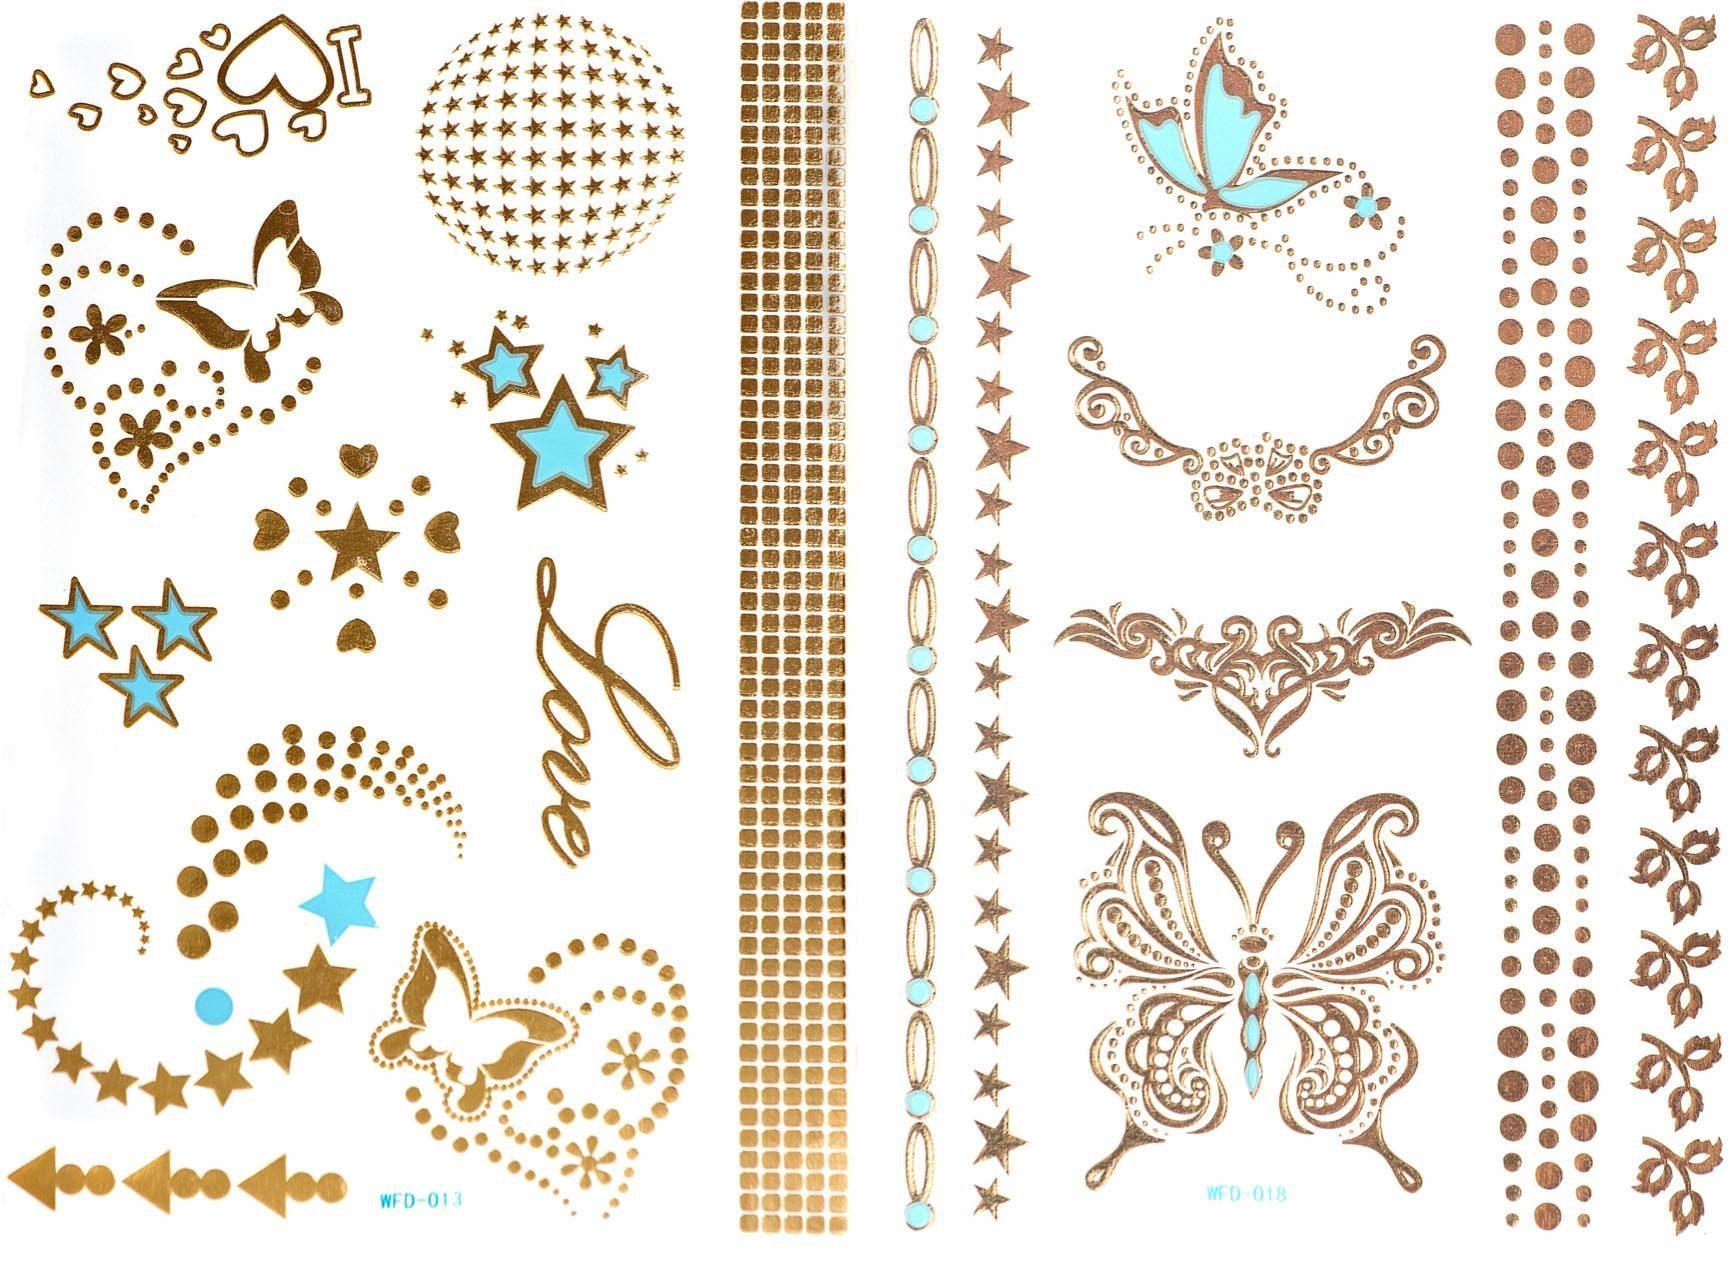 Schmuck-Tattoos, »3D Flash Tattoos«, Gold-Tattoos mit 3D-Effekt (2-tlg. Set)